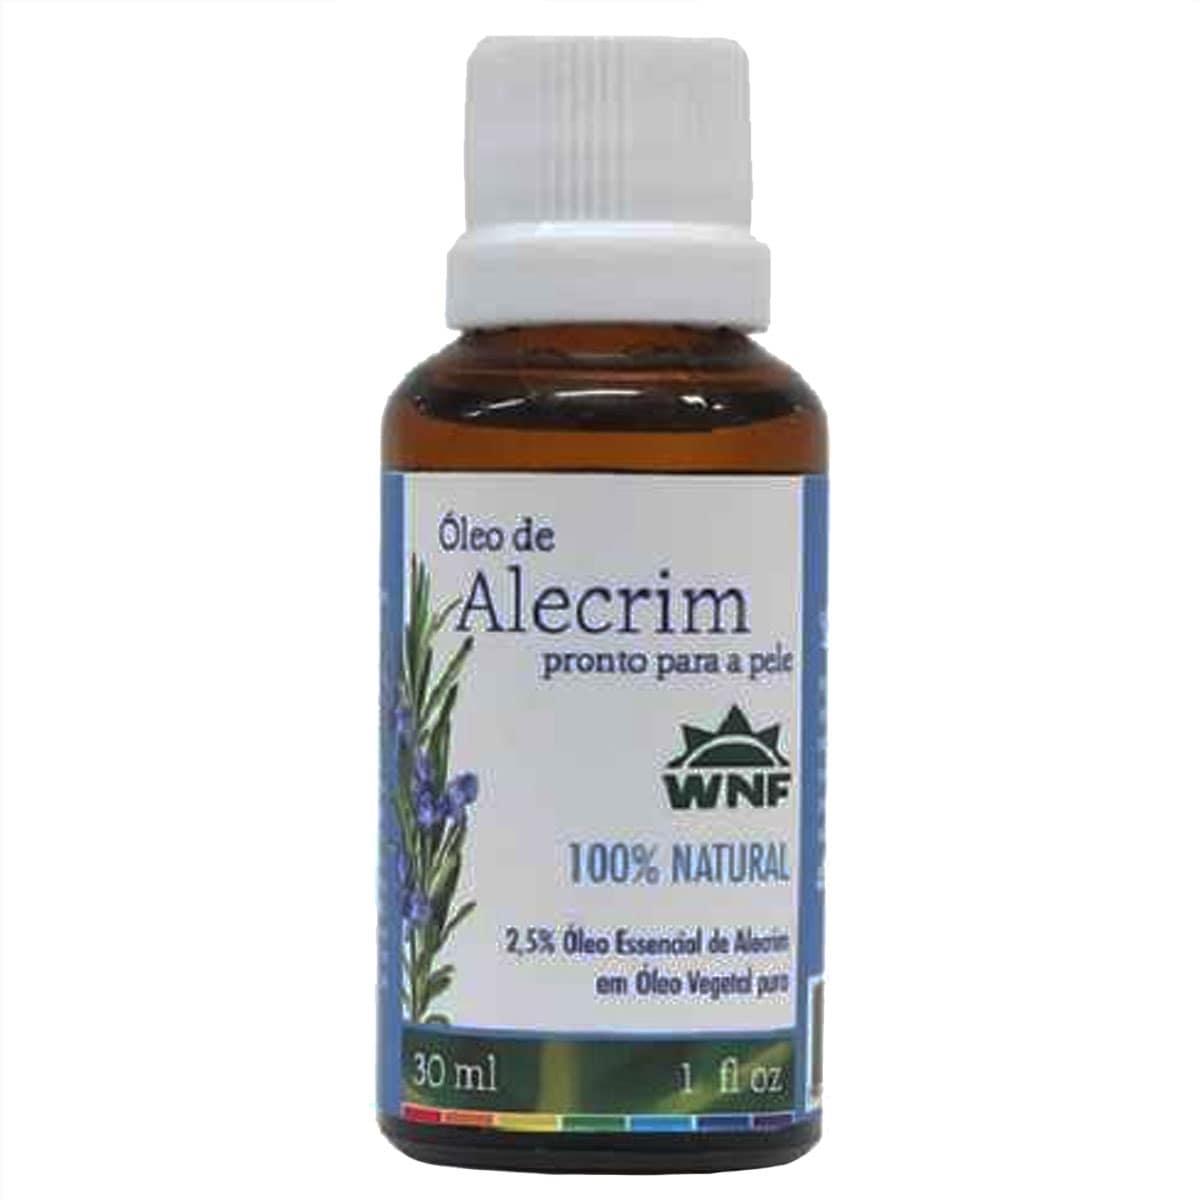 Óleo de alecrim 30 ml - WNF